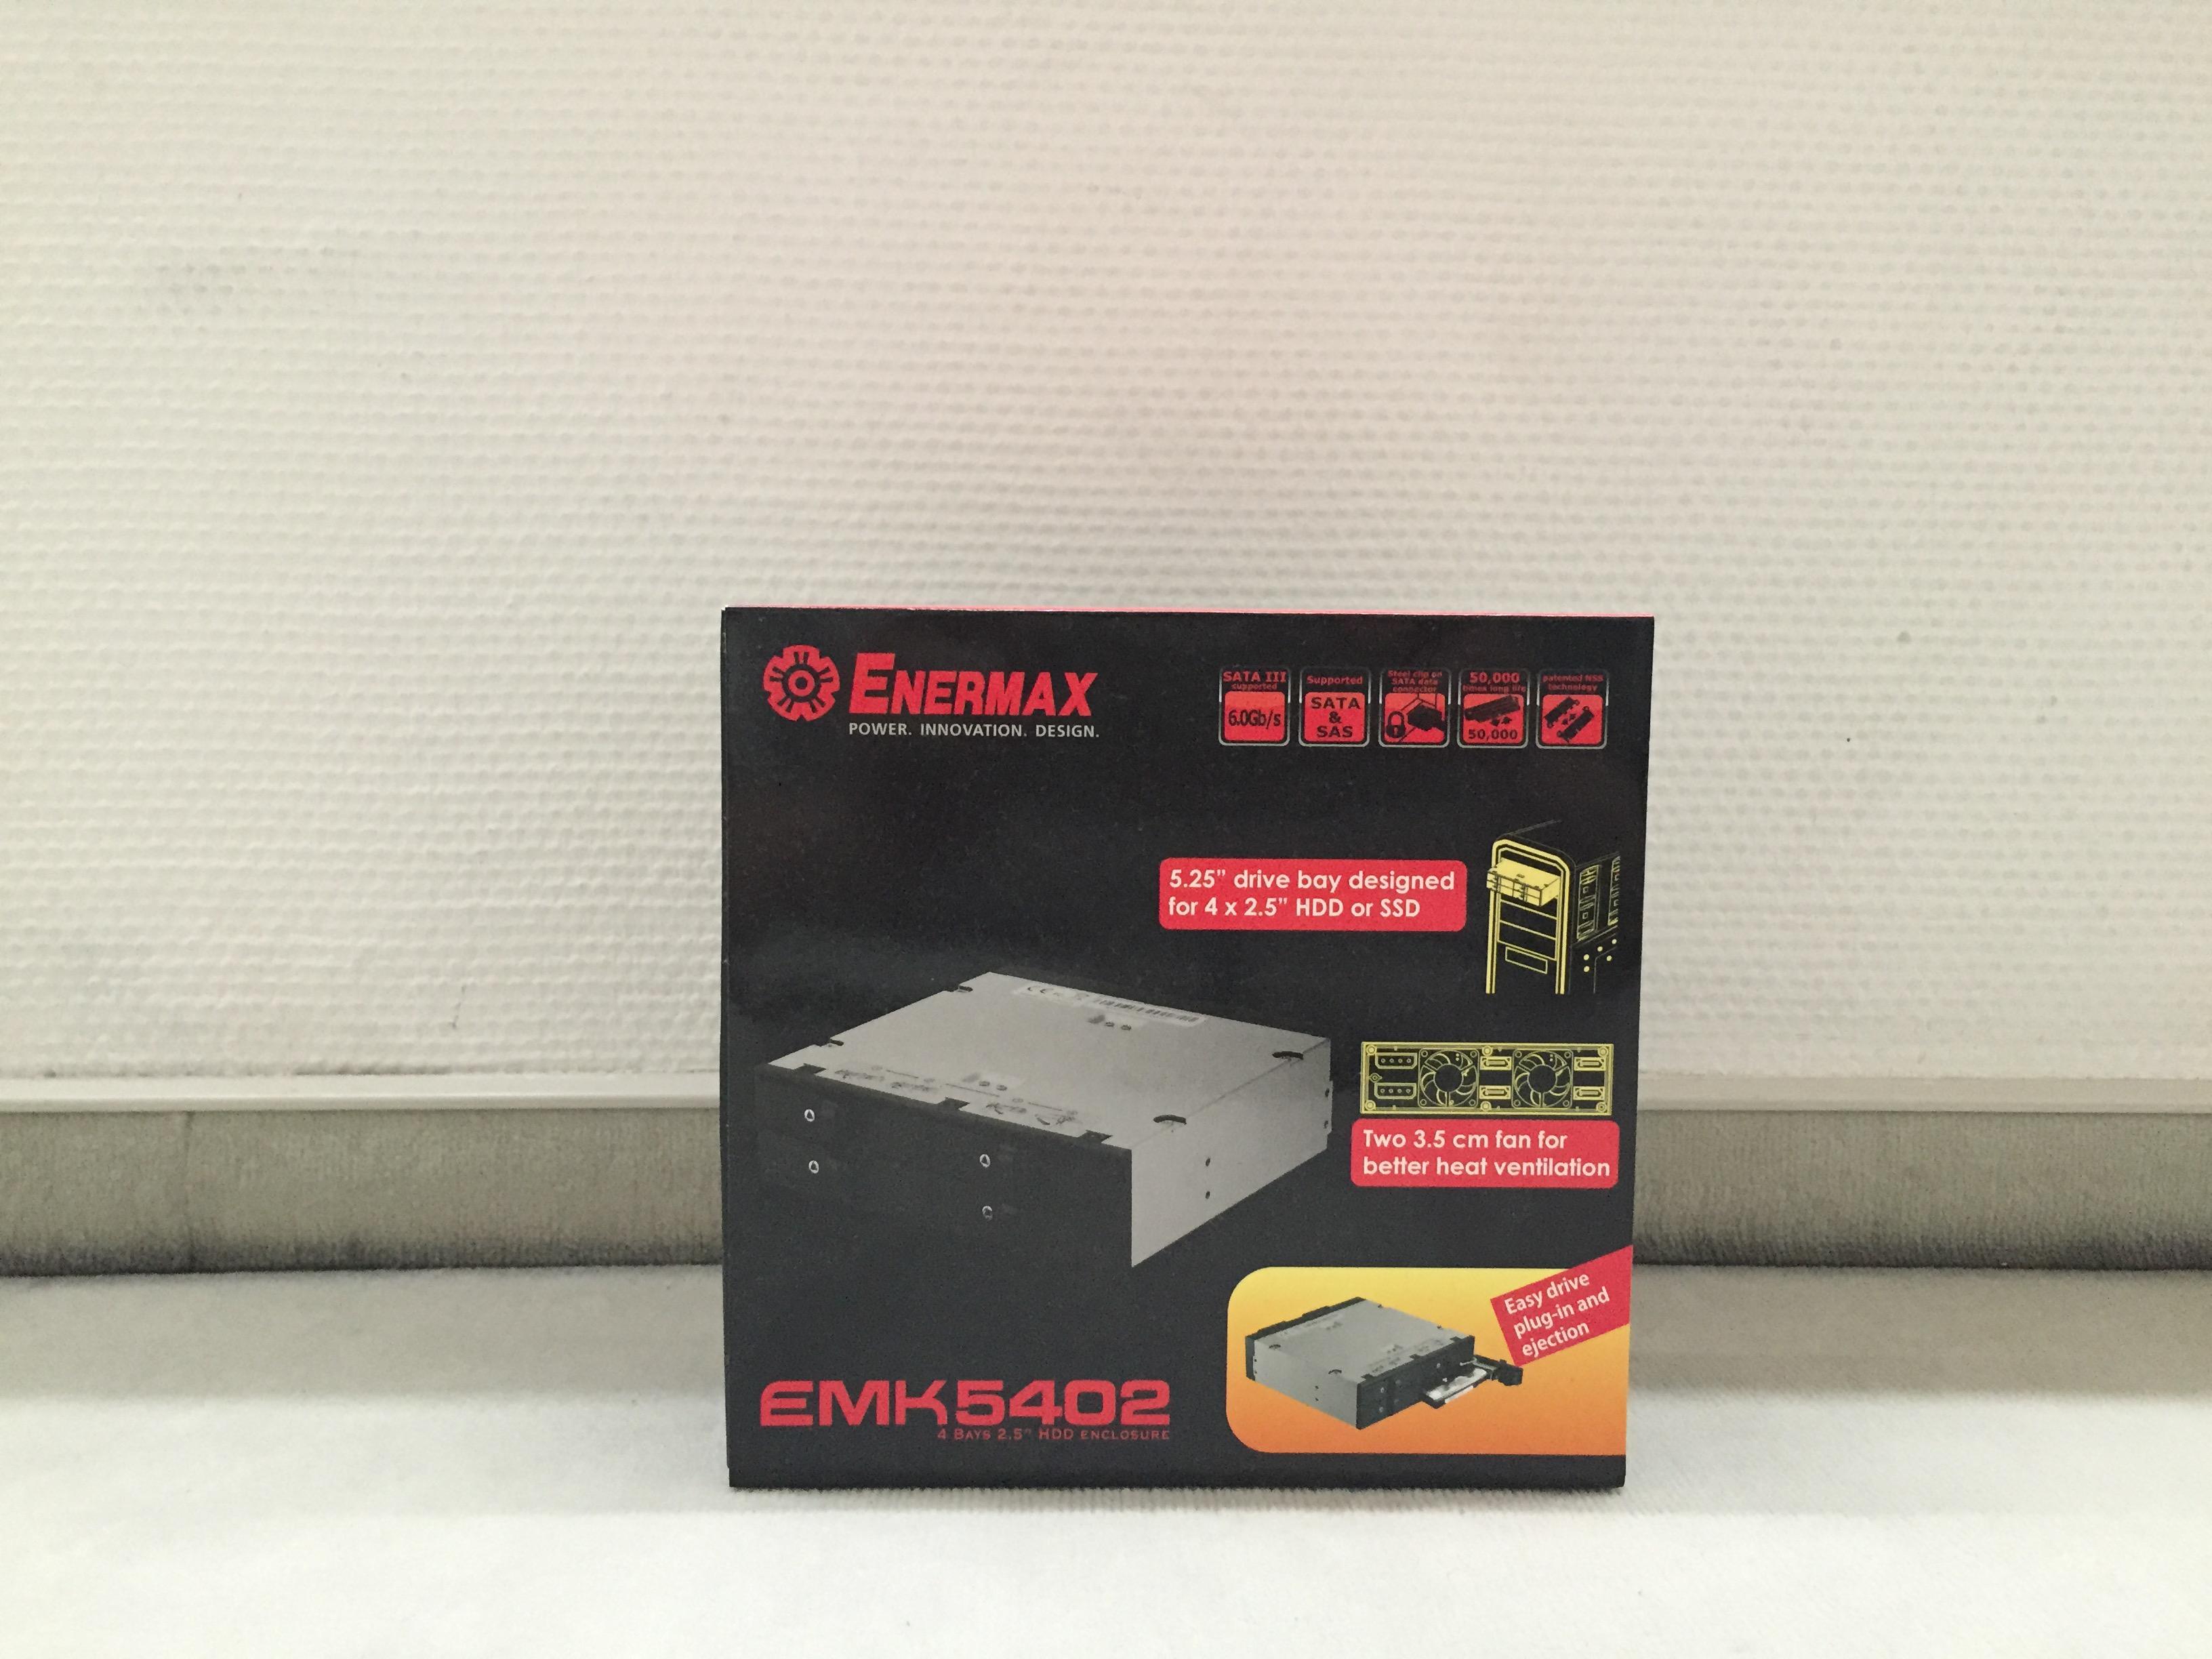 [Lesertest] Enermax EMK5402-img_0078.jpg